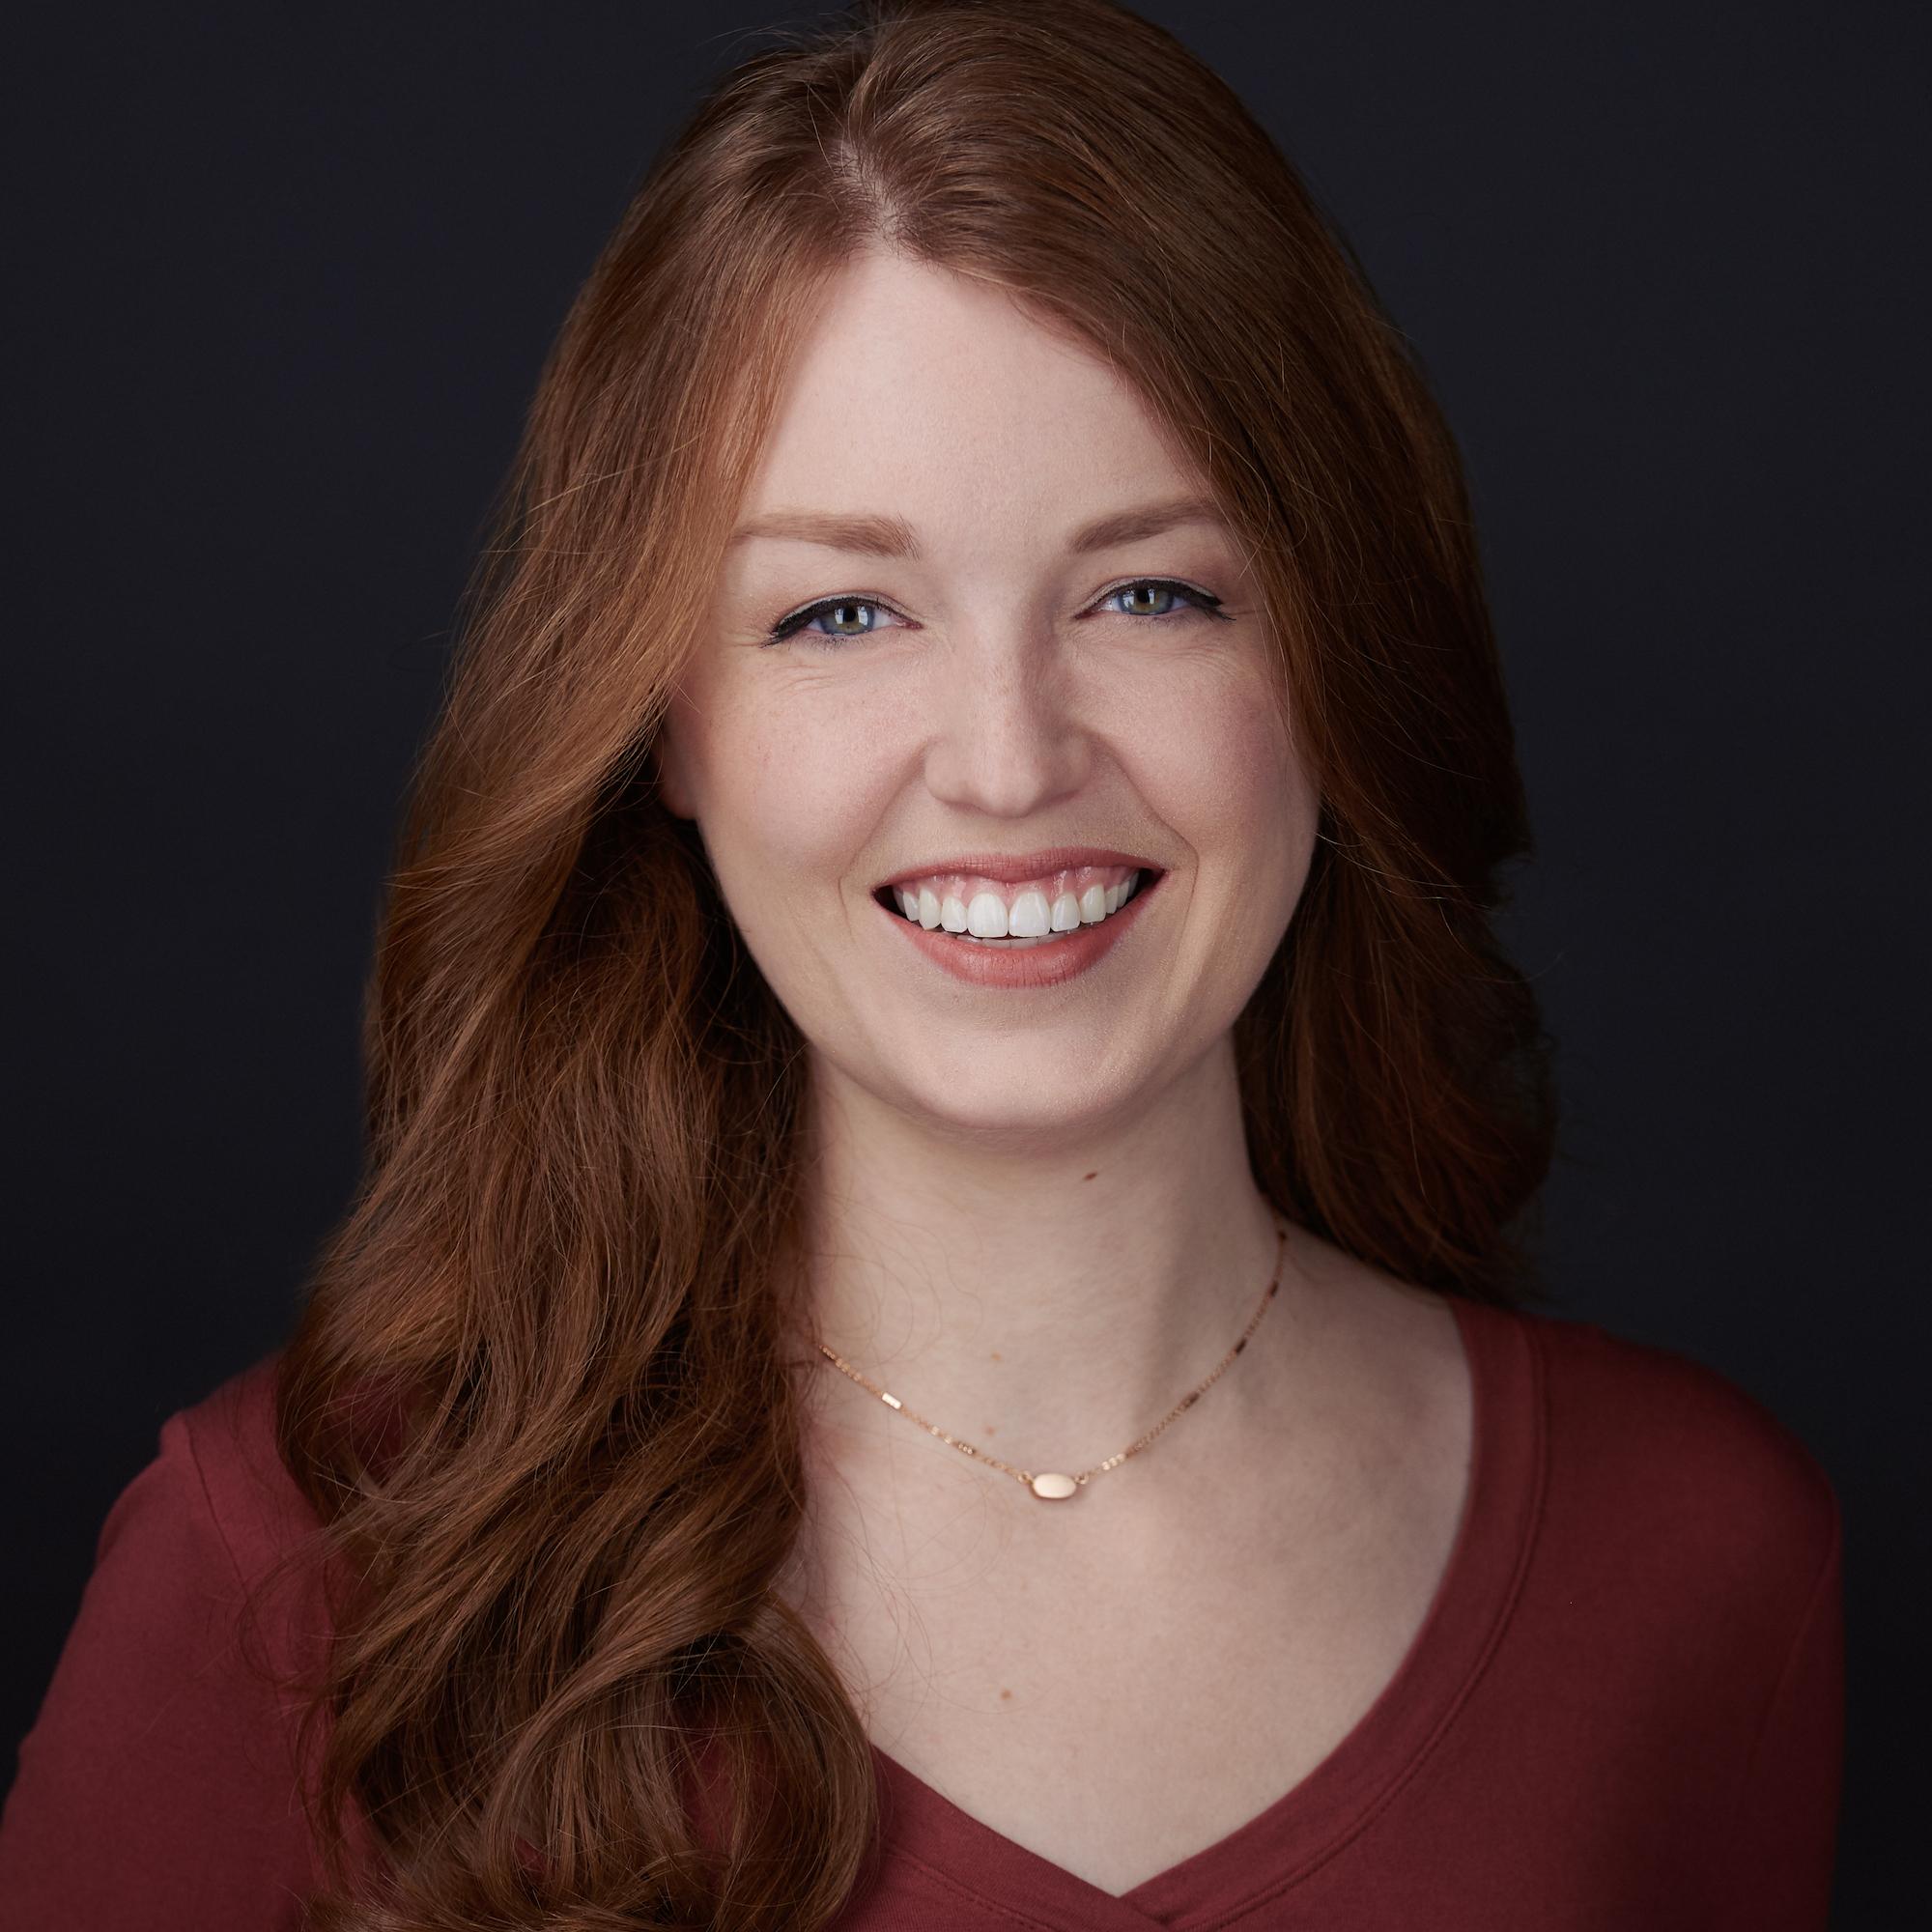 Lucy Shea Allen